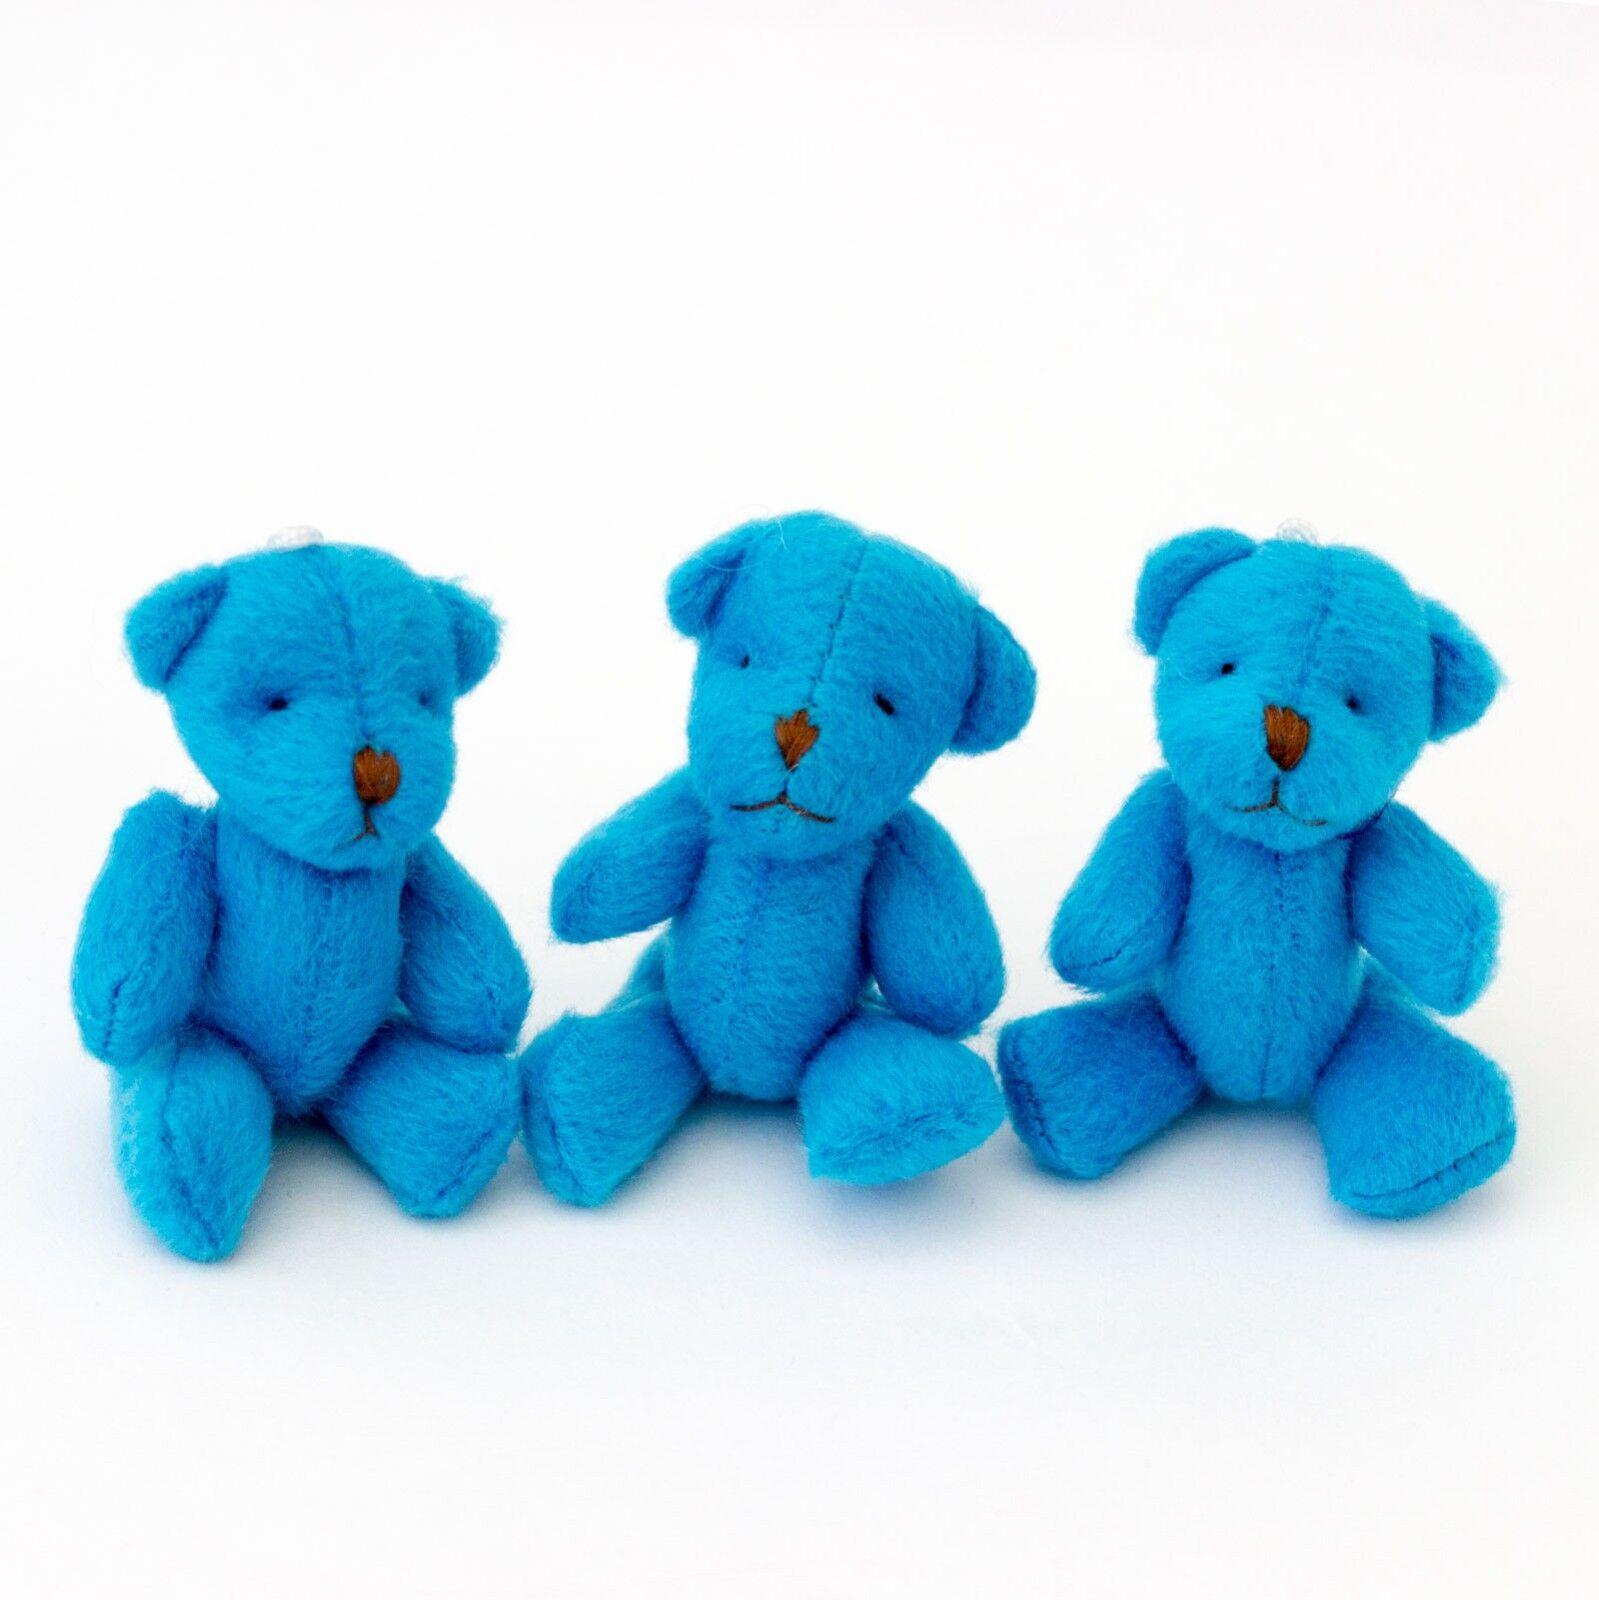 NEW - 275 X Blau Teddy Bears - - - Small Cute Cuddly Adorable - Gift Present 917ca2